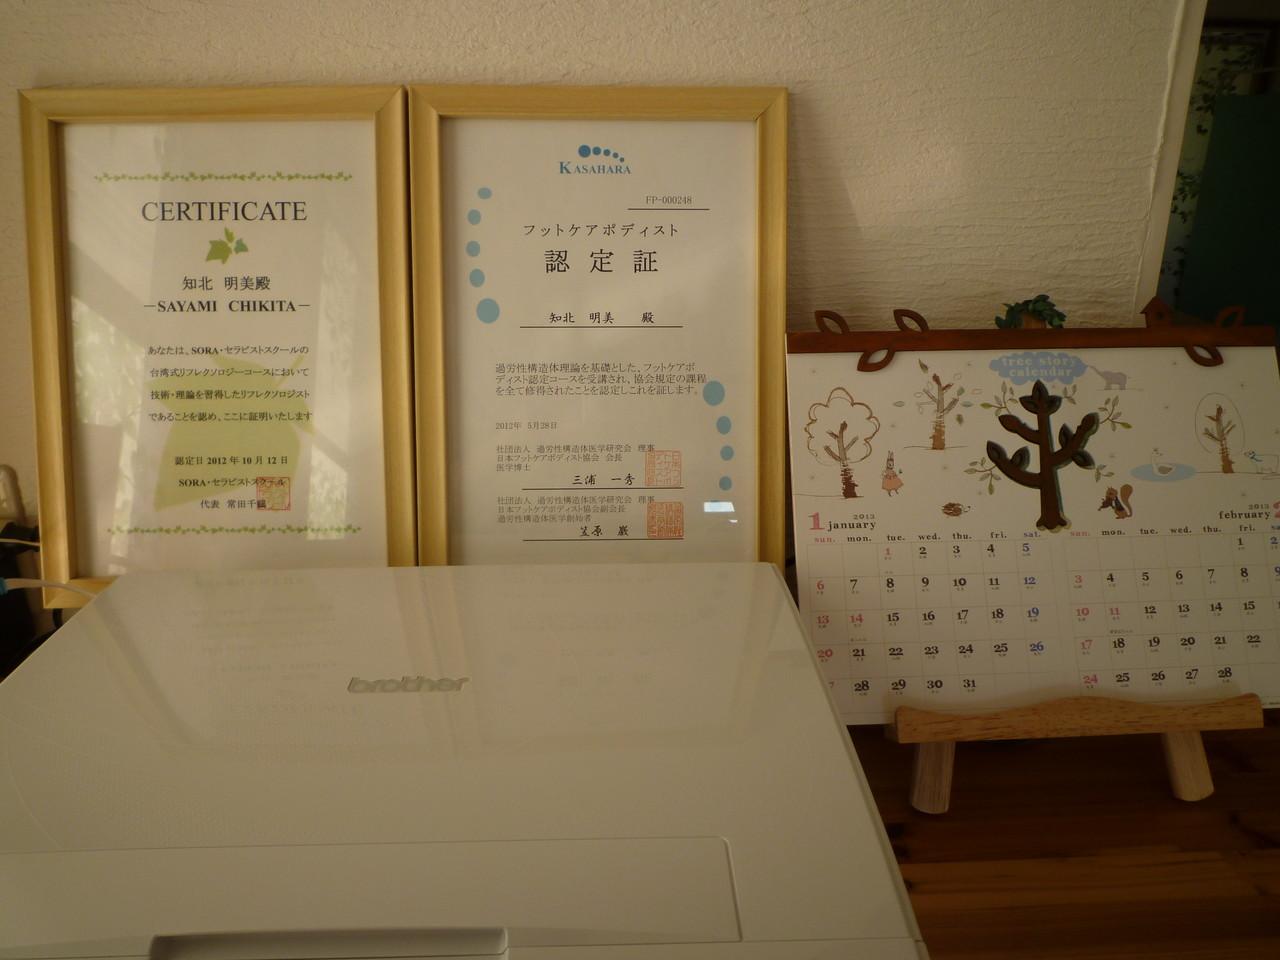 カサハラ式フットケアと台湾式リフレクソロジーの認定証